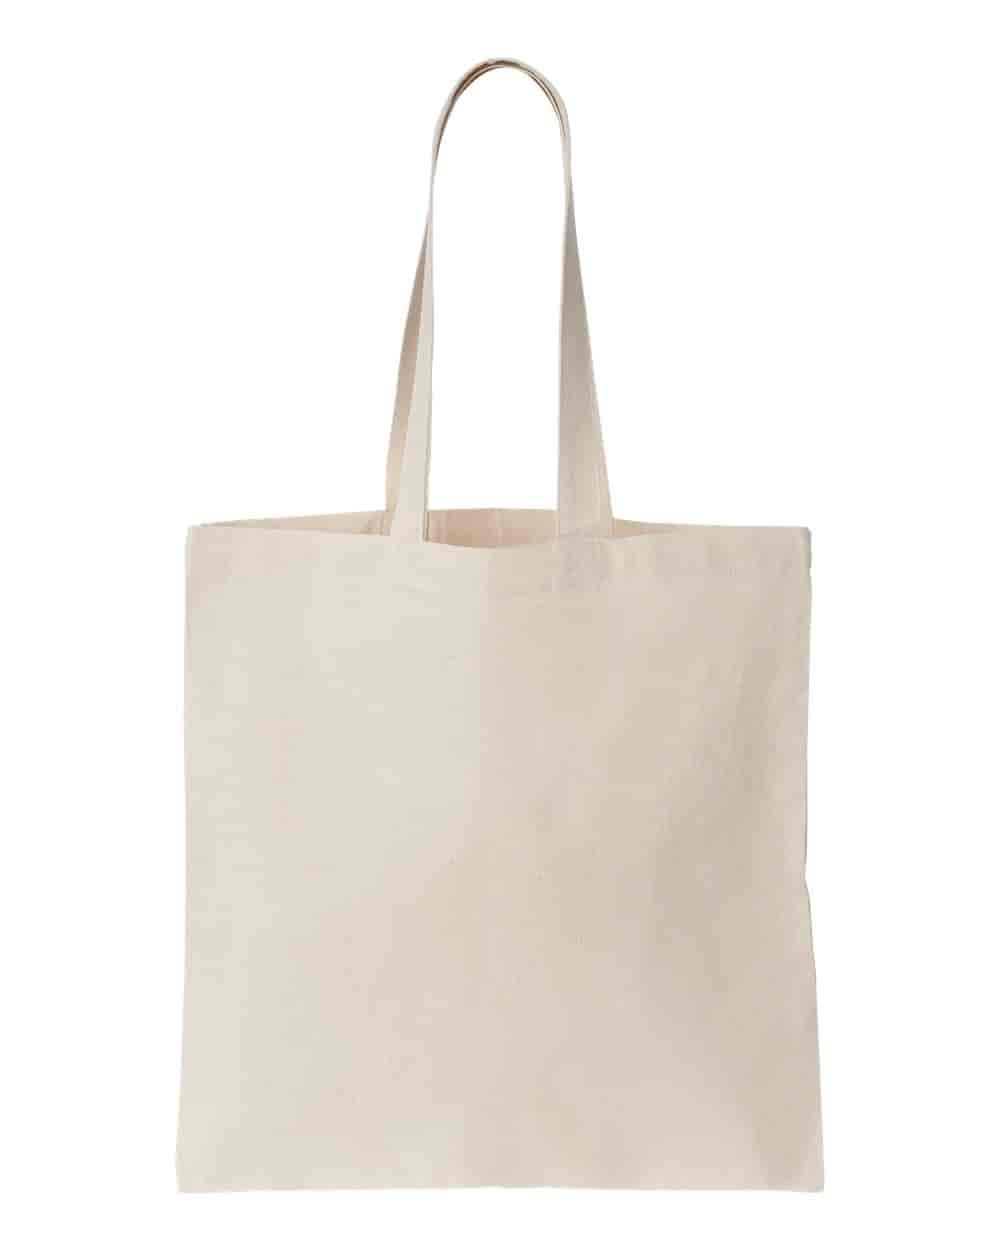 Green Fresh Cloth Carry Bag Product Photos Ratanada Jodhpur Manufacturers